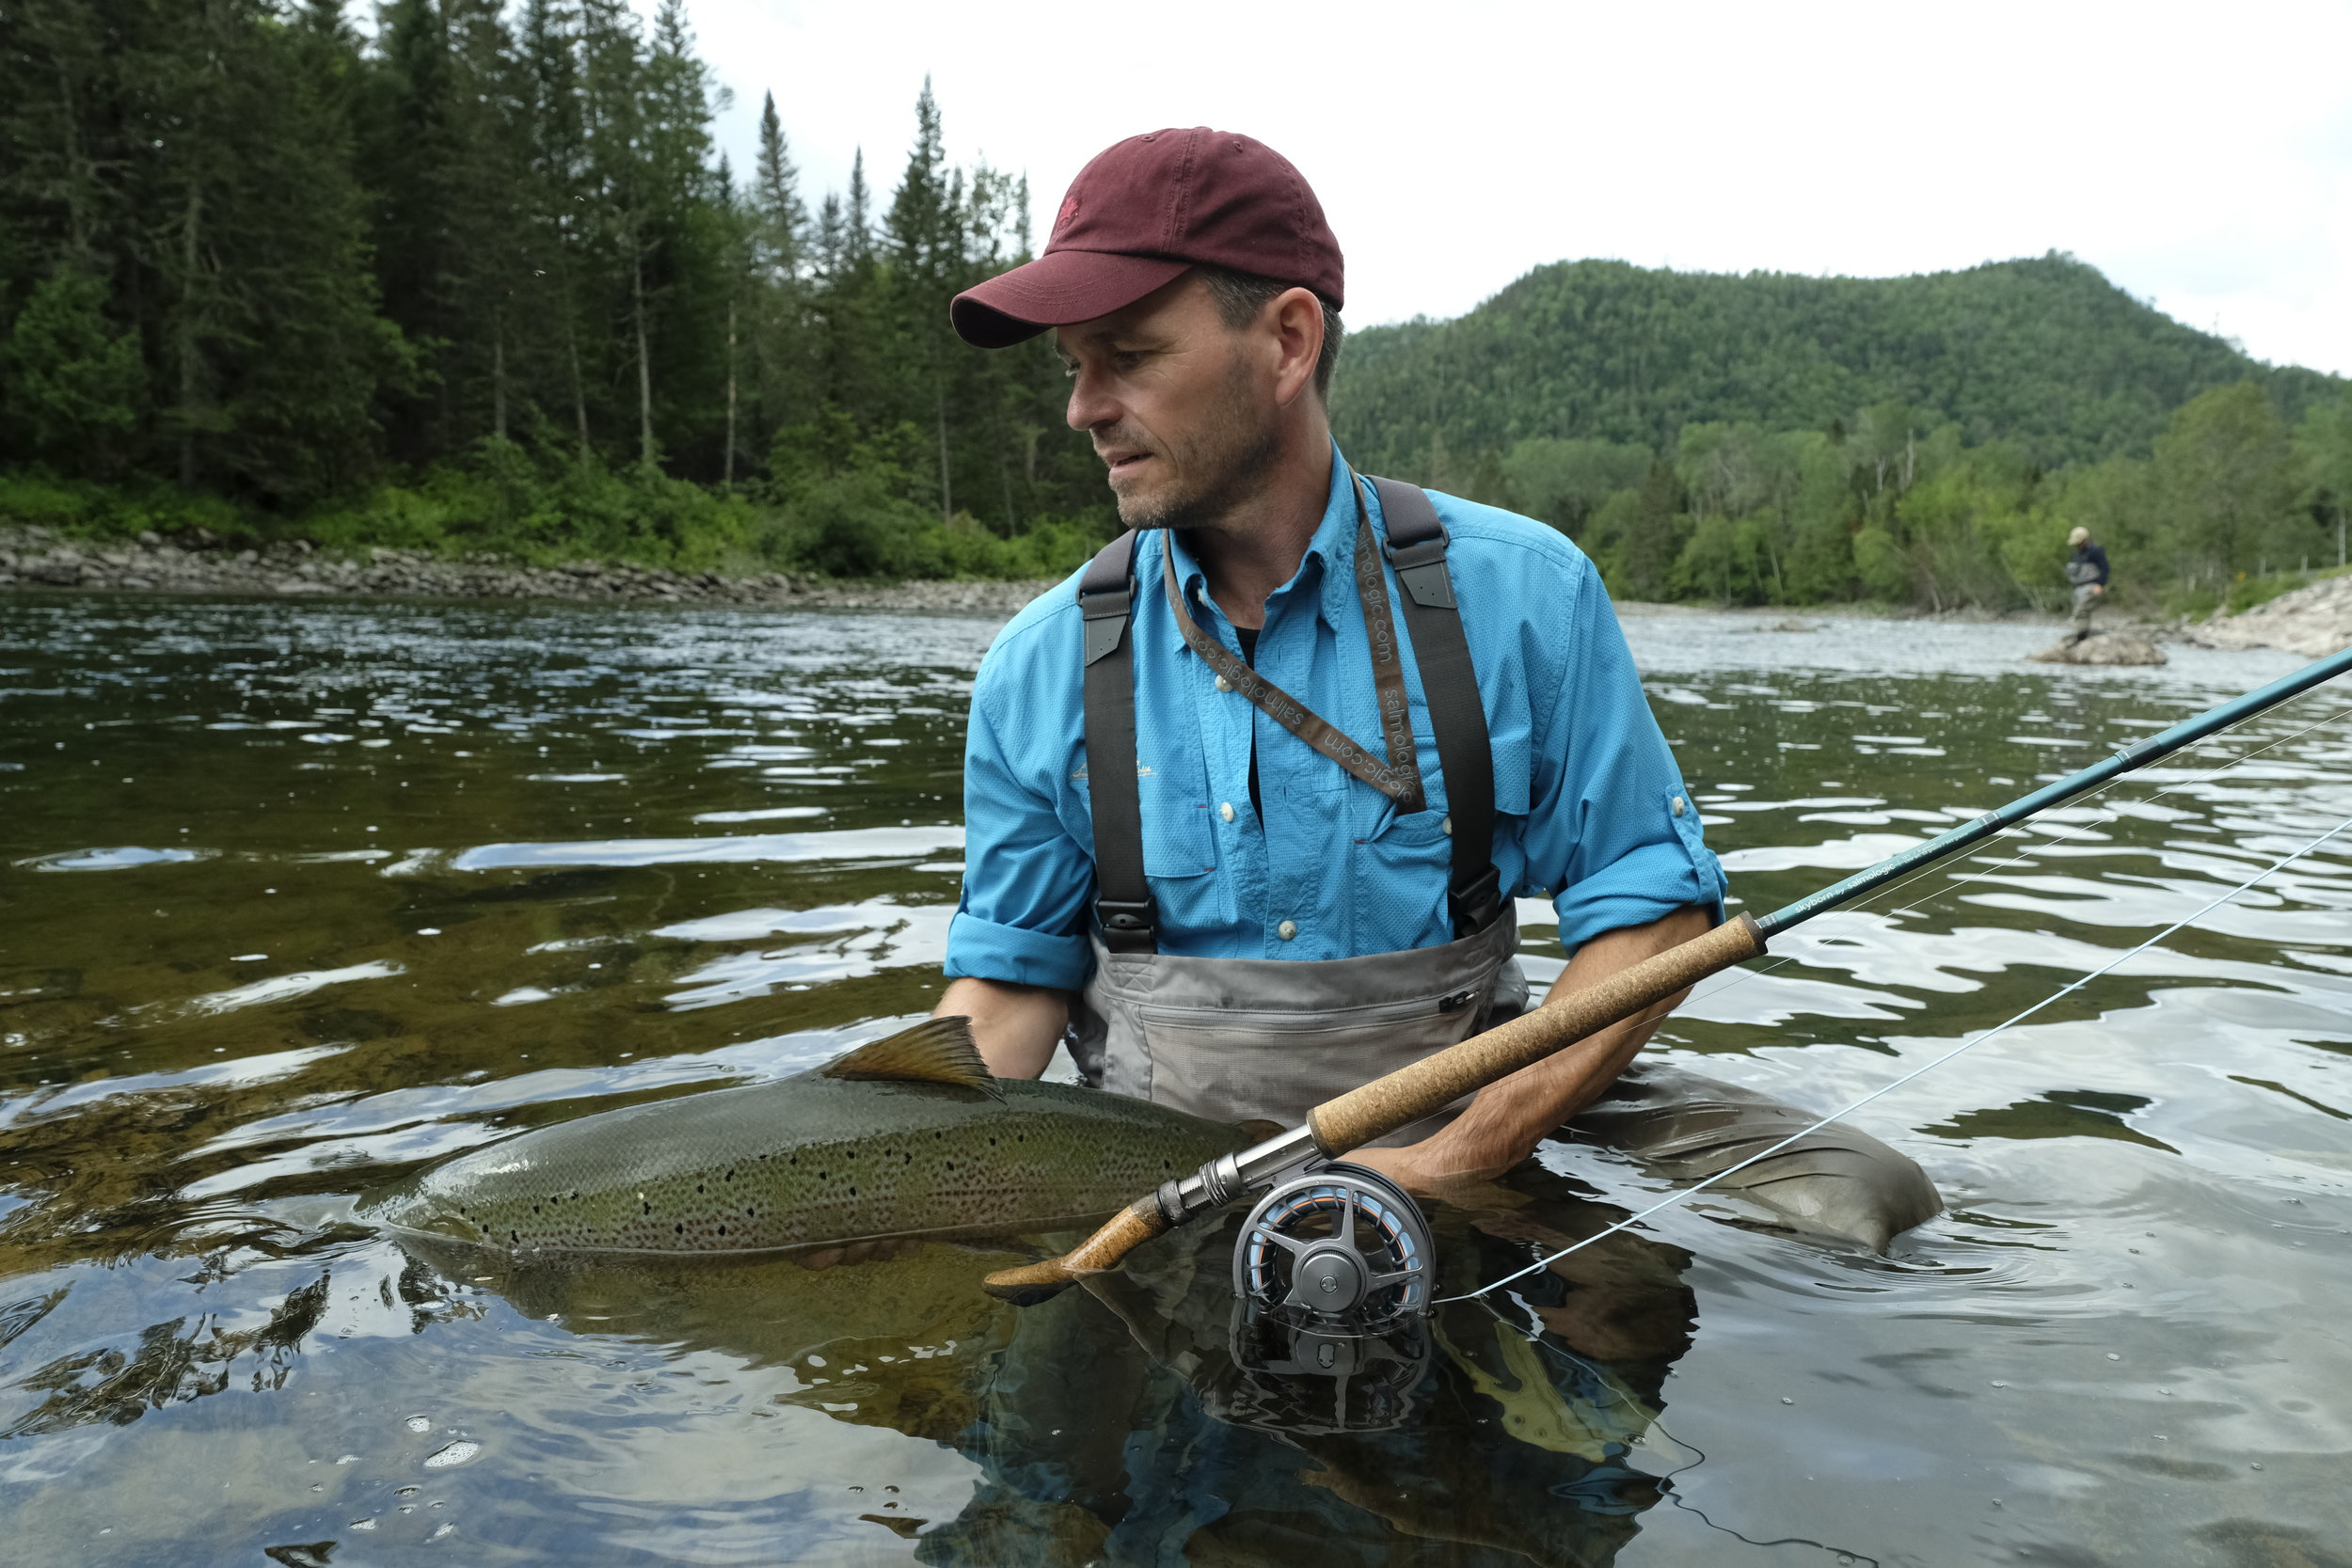 C'était un véritable plaisir de t'accueillir à nouveau au camp cette année, Peter Norby! On dirait que le saumon avait hâte de te revoir, lui aussi!